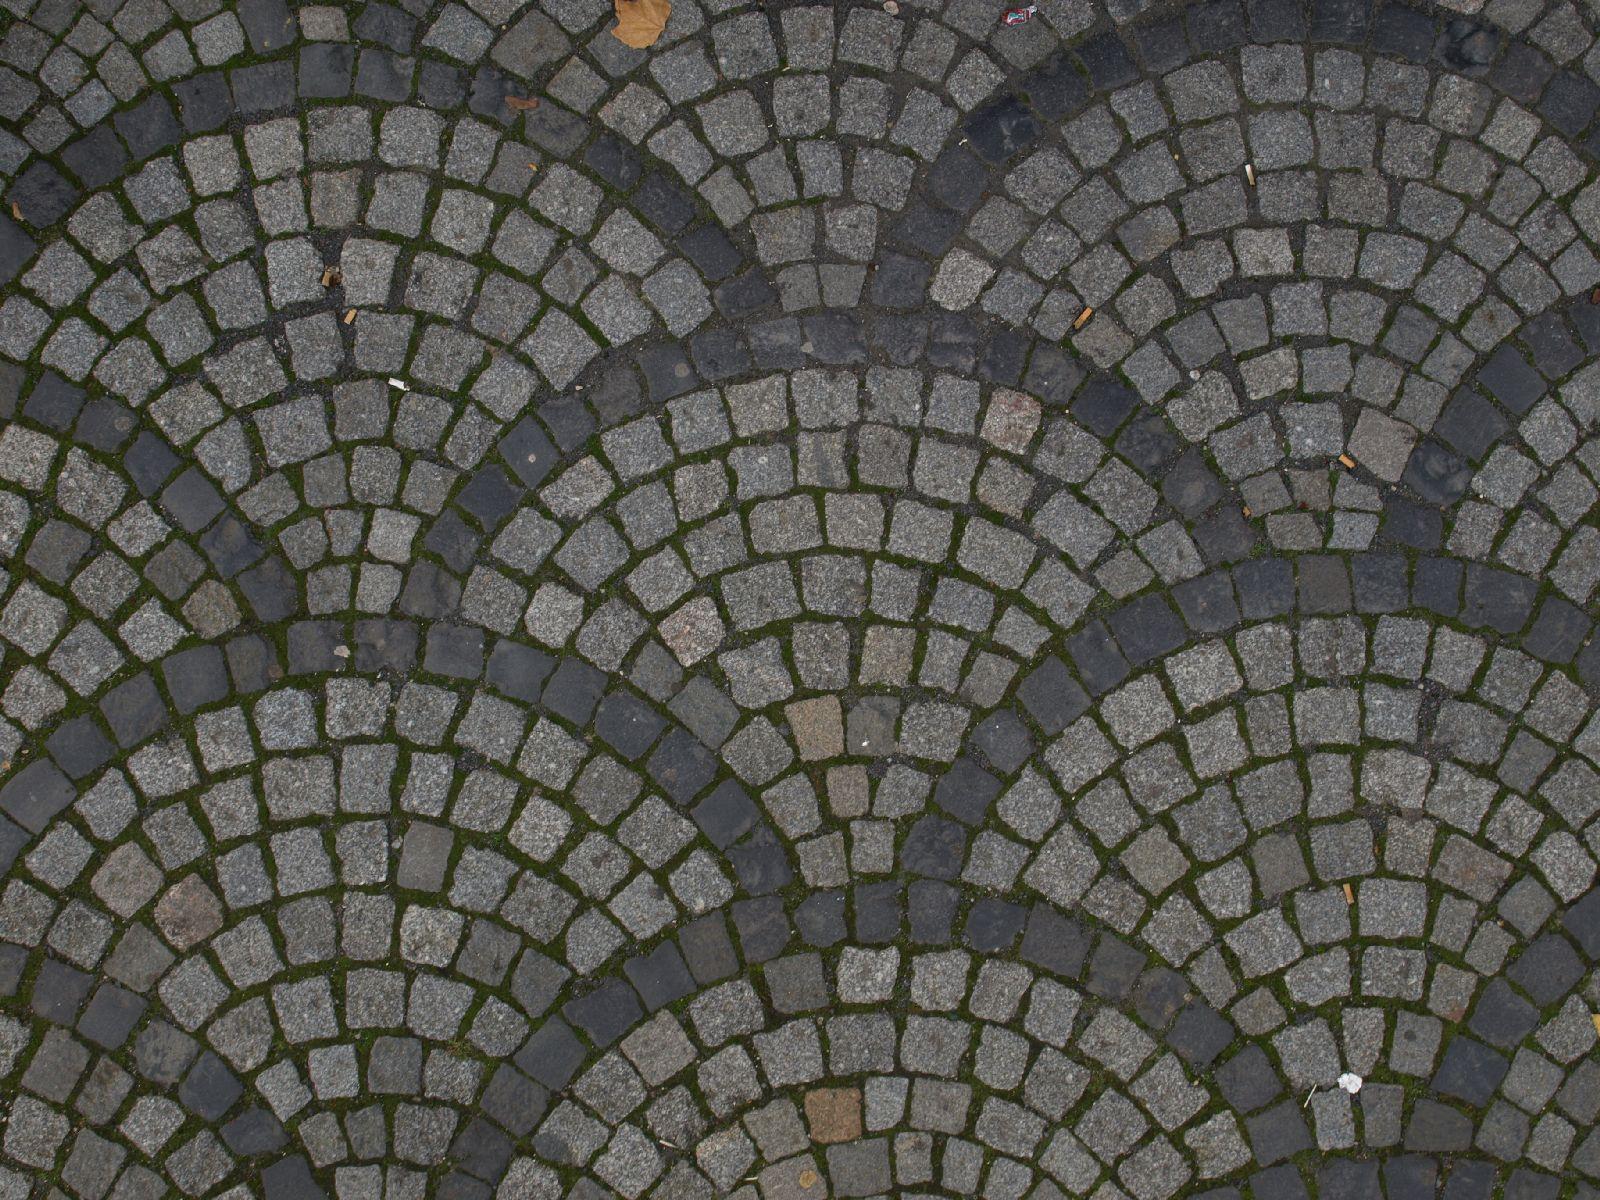 Boden-Gehweg-Strasse-Buergersteig-Textur_A_PB010851